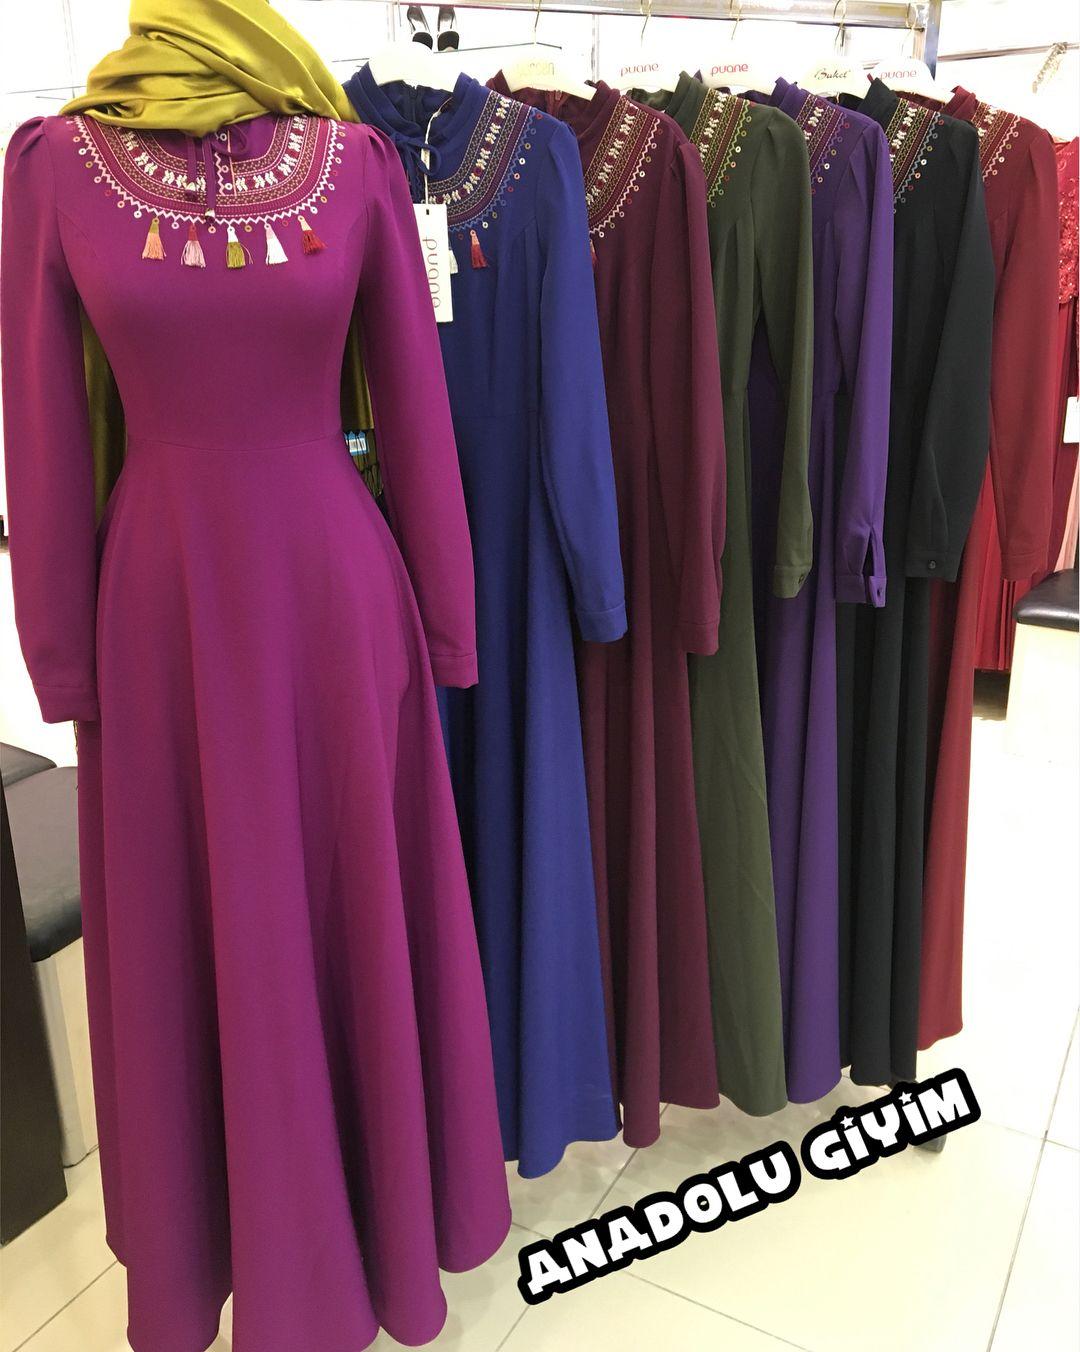 1 740 Begenme 149 Yorum Instagram Da Anadolu Giyim Kirikkale Anadolu Giyim Siparis Verebilirsiniz Yeni Sezon Mevlana Elbise Elbise Kiyafet Giyim